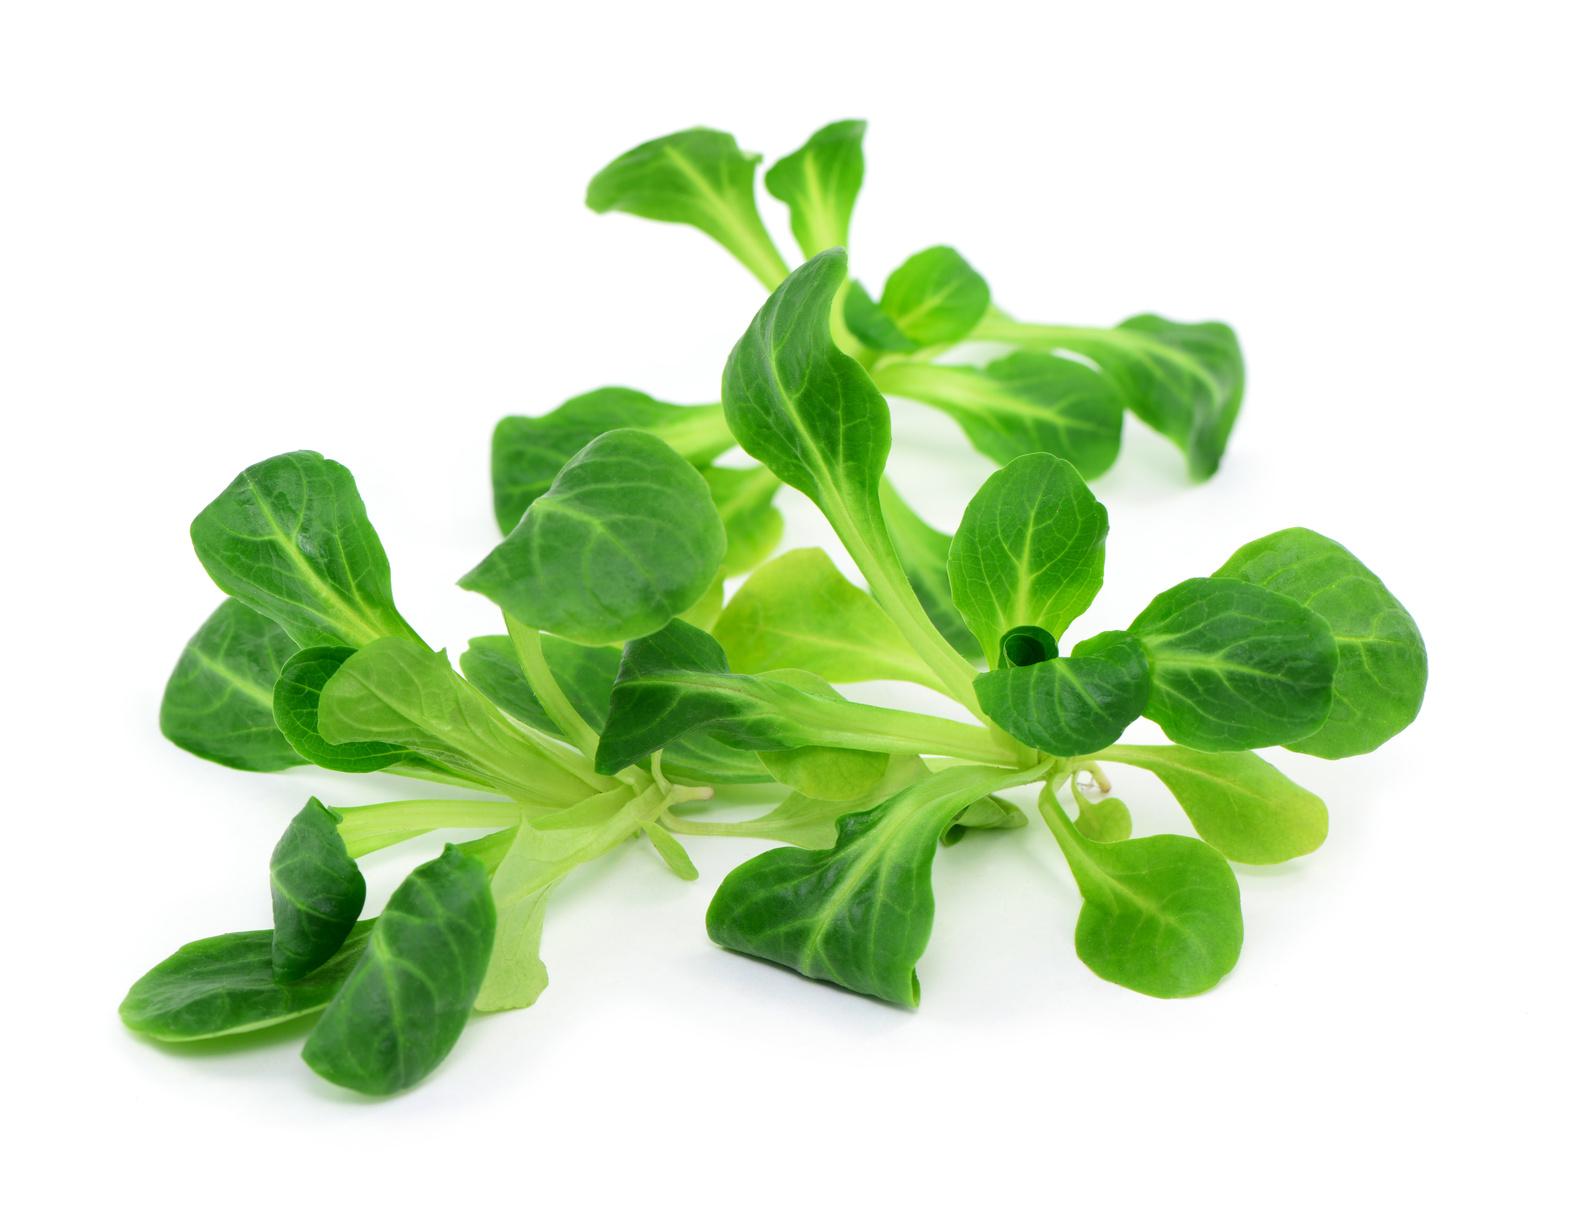 mâche légume nutrition recette santé